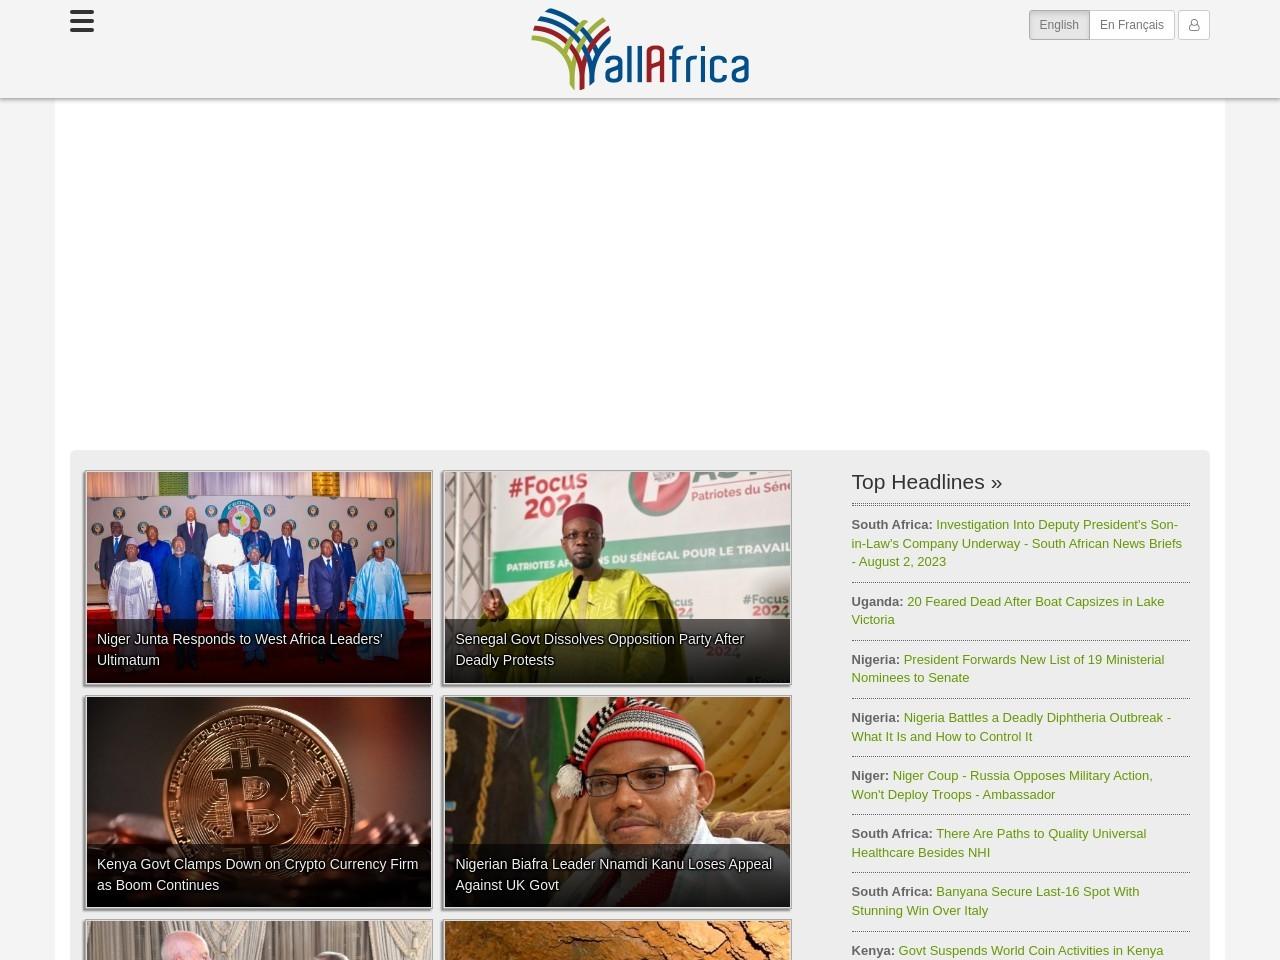 Zimbabwe:Mnangagwa Pardons Prisoners